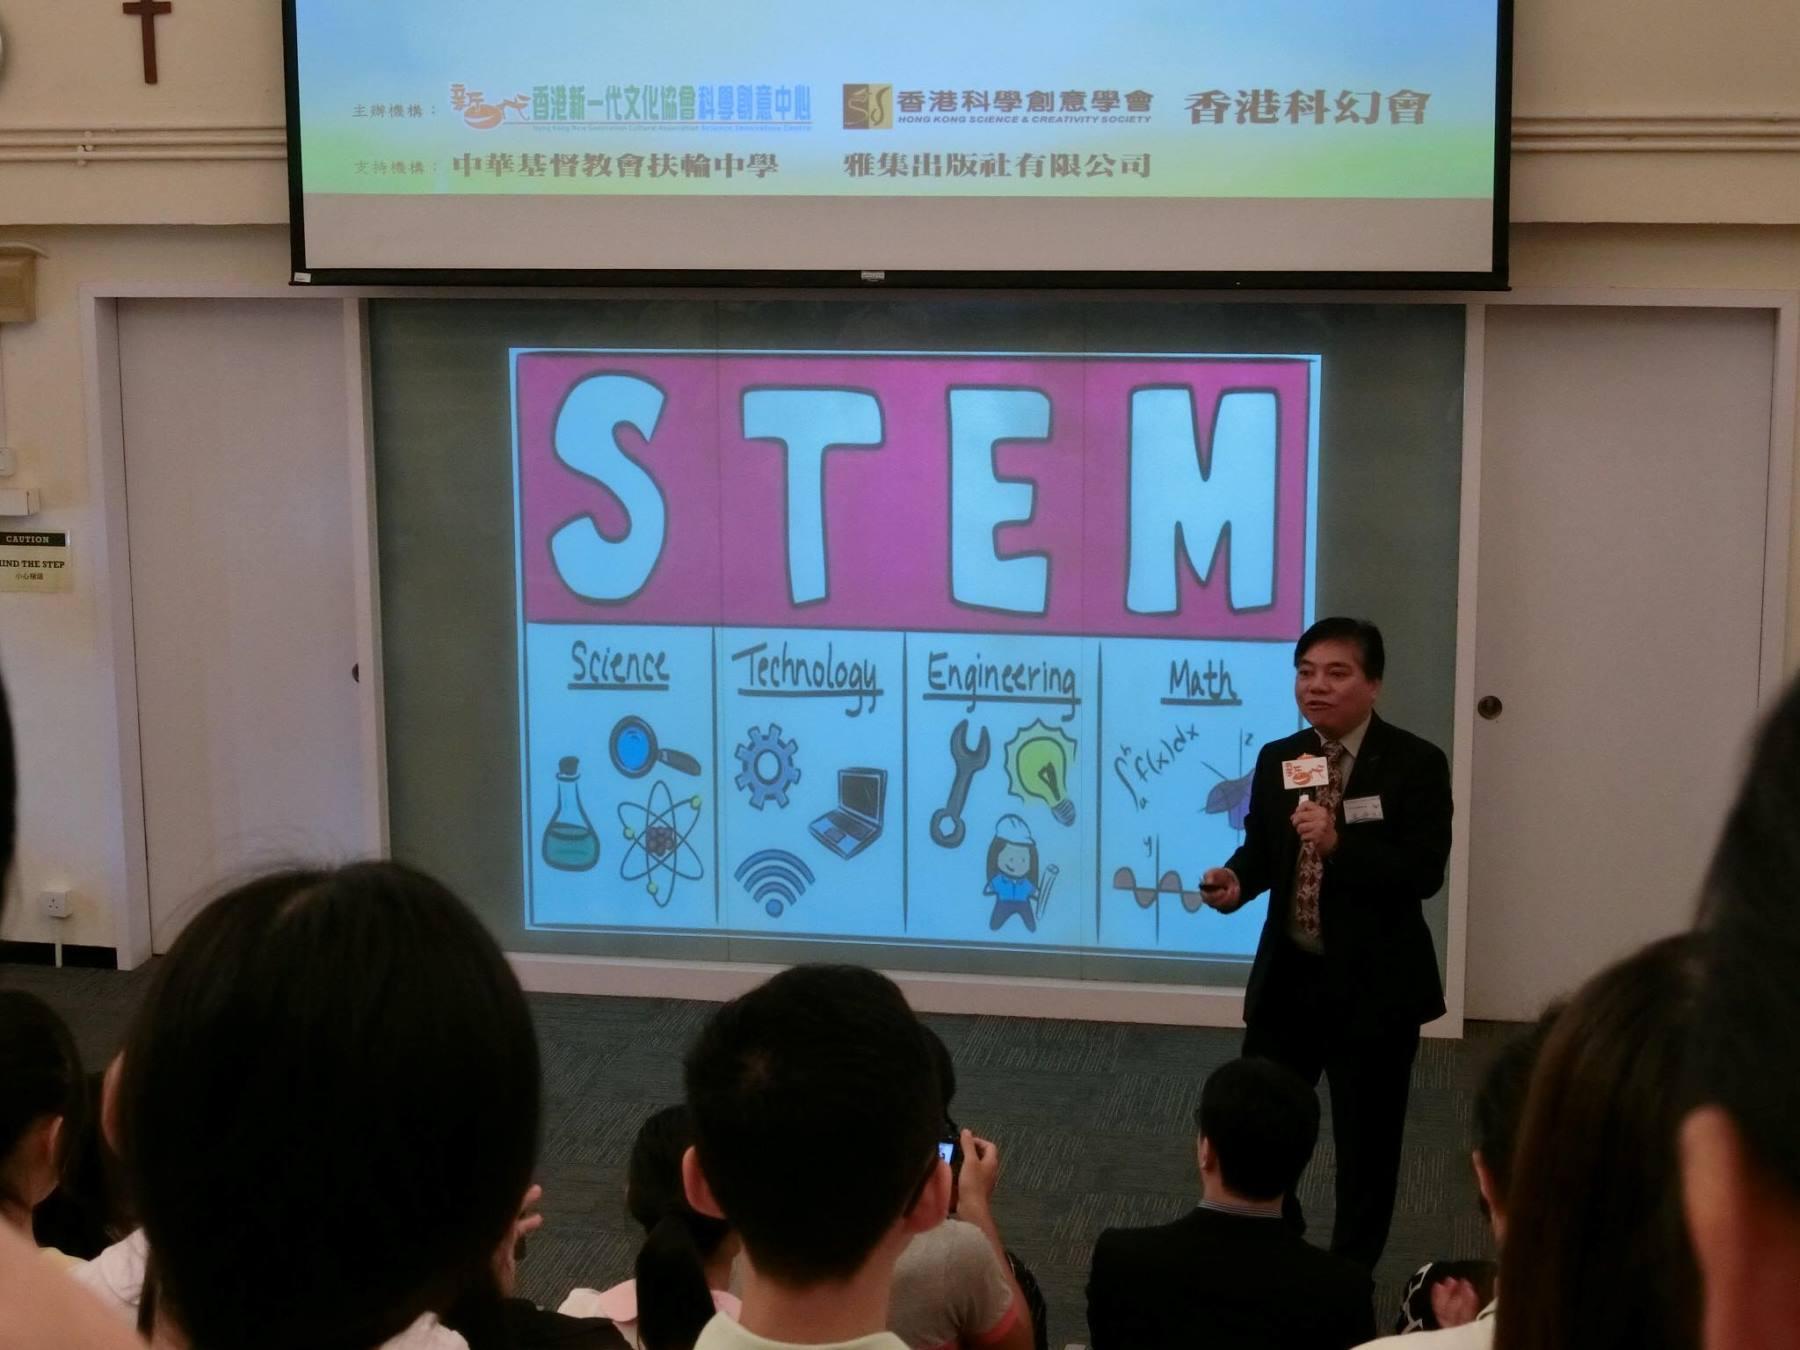 http://npc.edu.hk/sites/default/files/35089248_10216051545342112_3784980070364348416_n.jpg